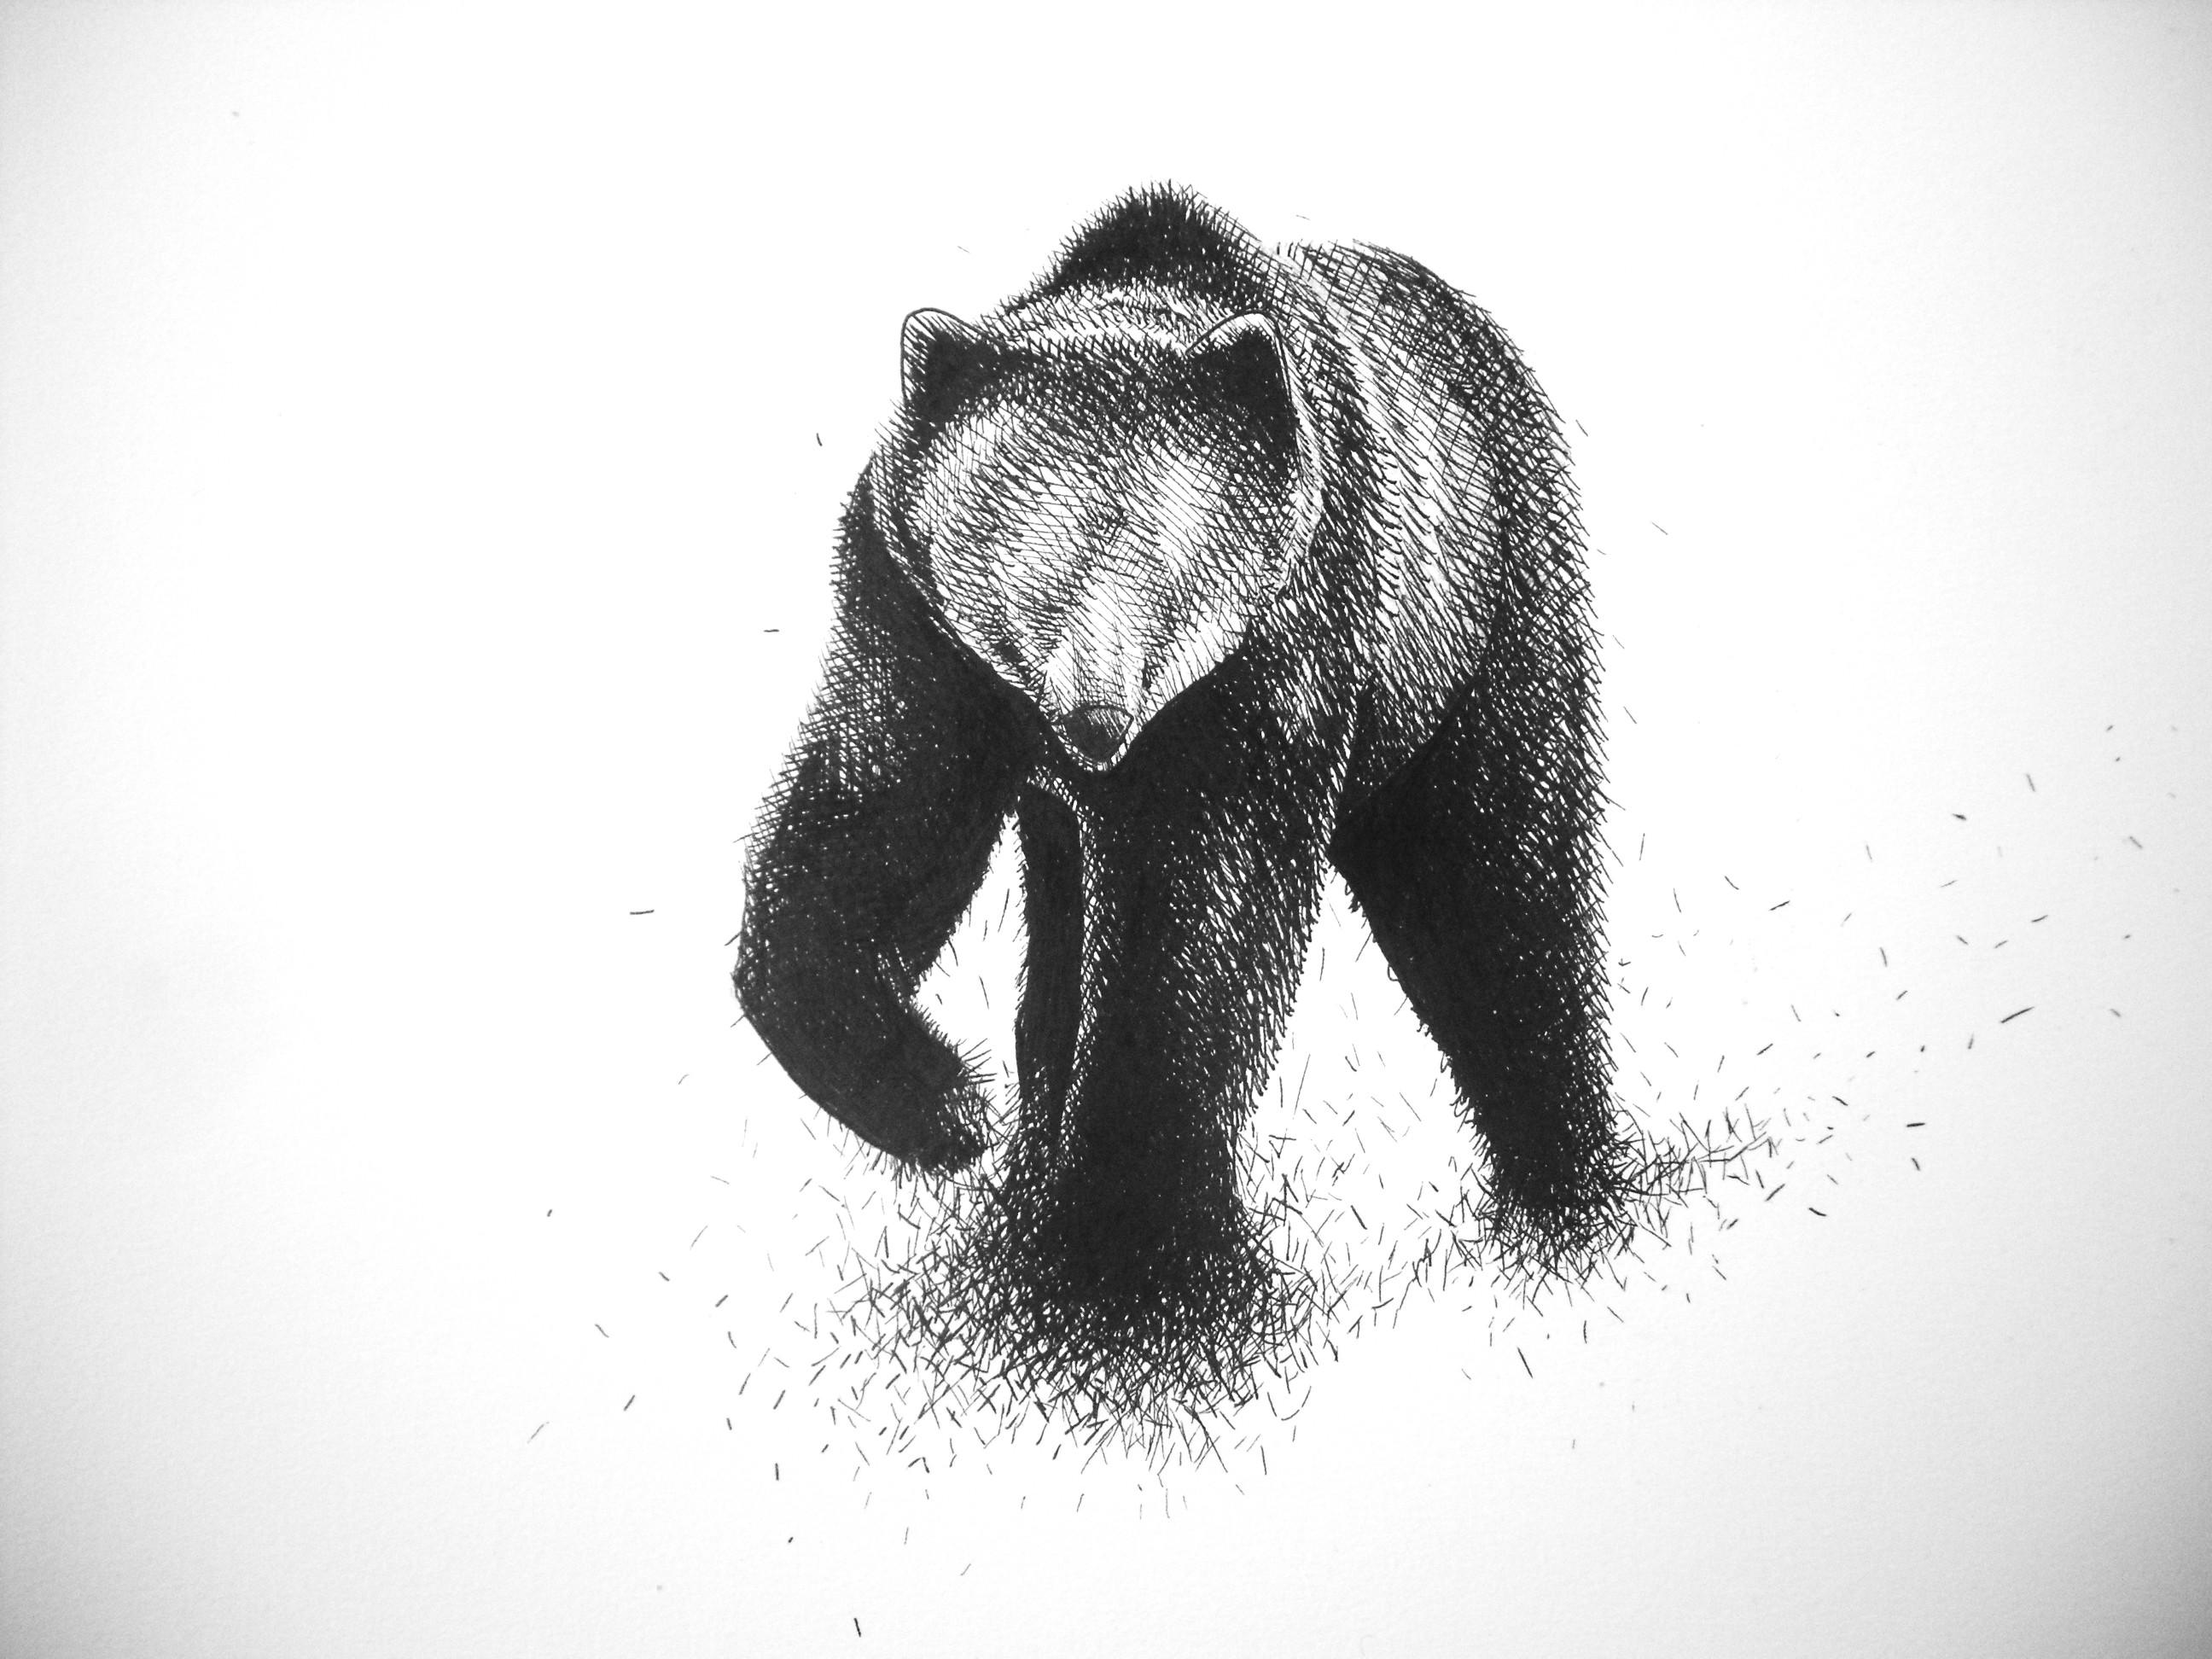 il mio orso si scioglie…